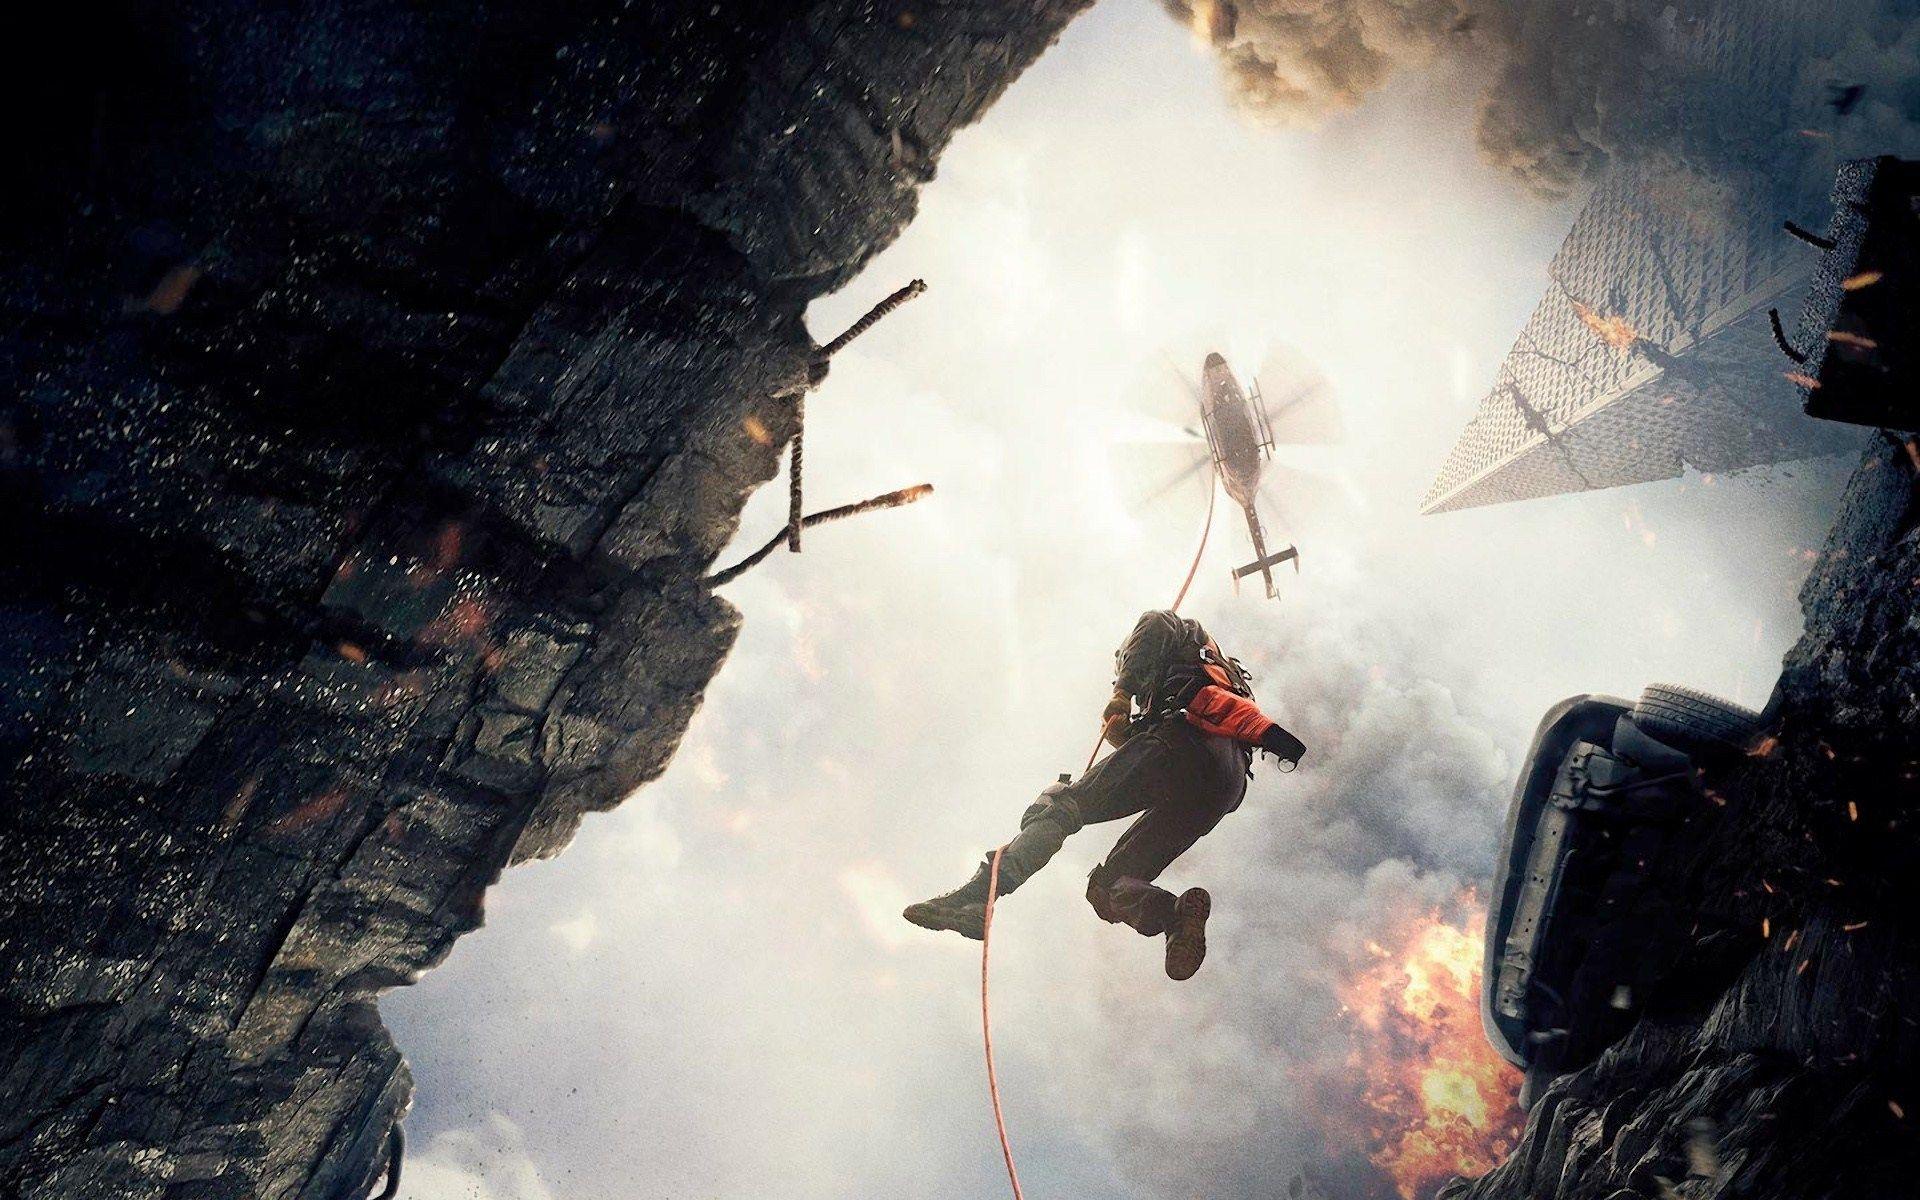 Daftar 12 Film Terbaik Tentang Kiamat dan Bencana Alam